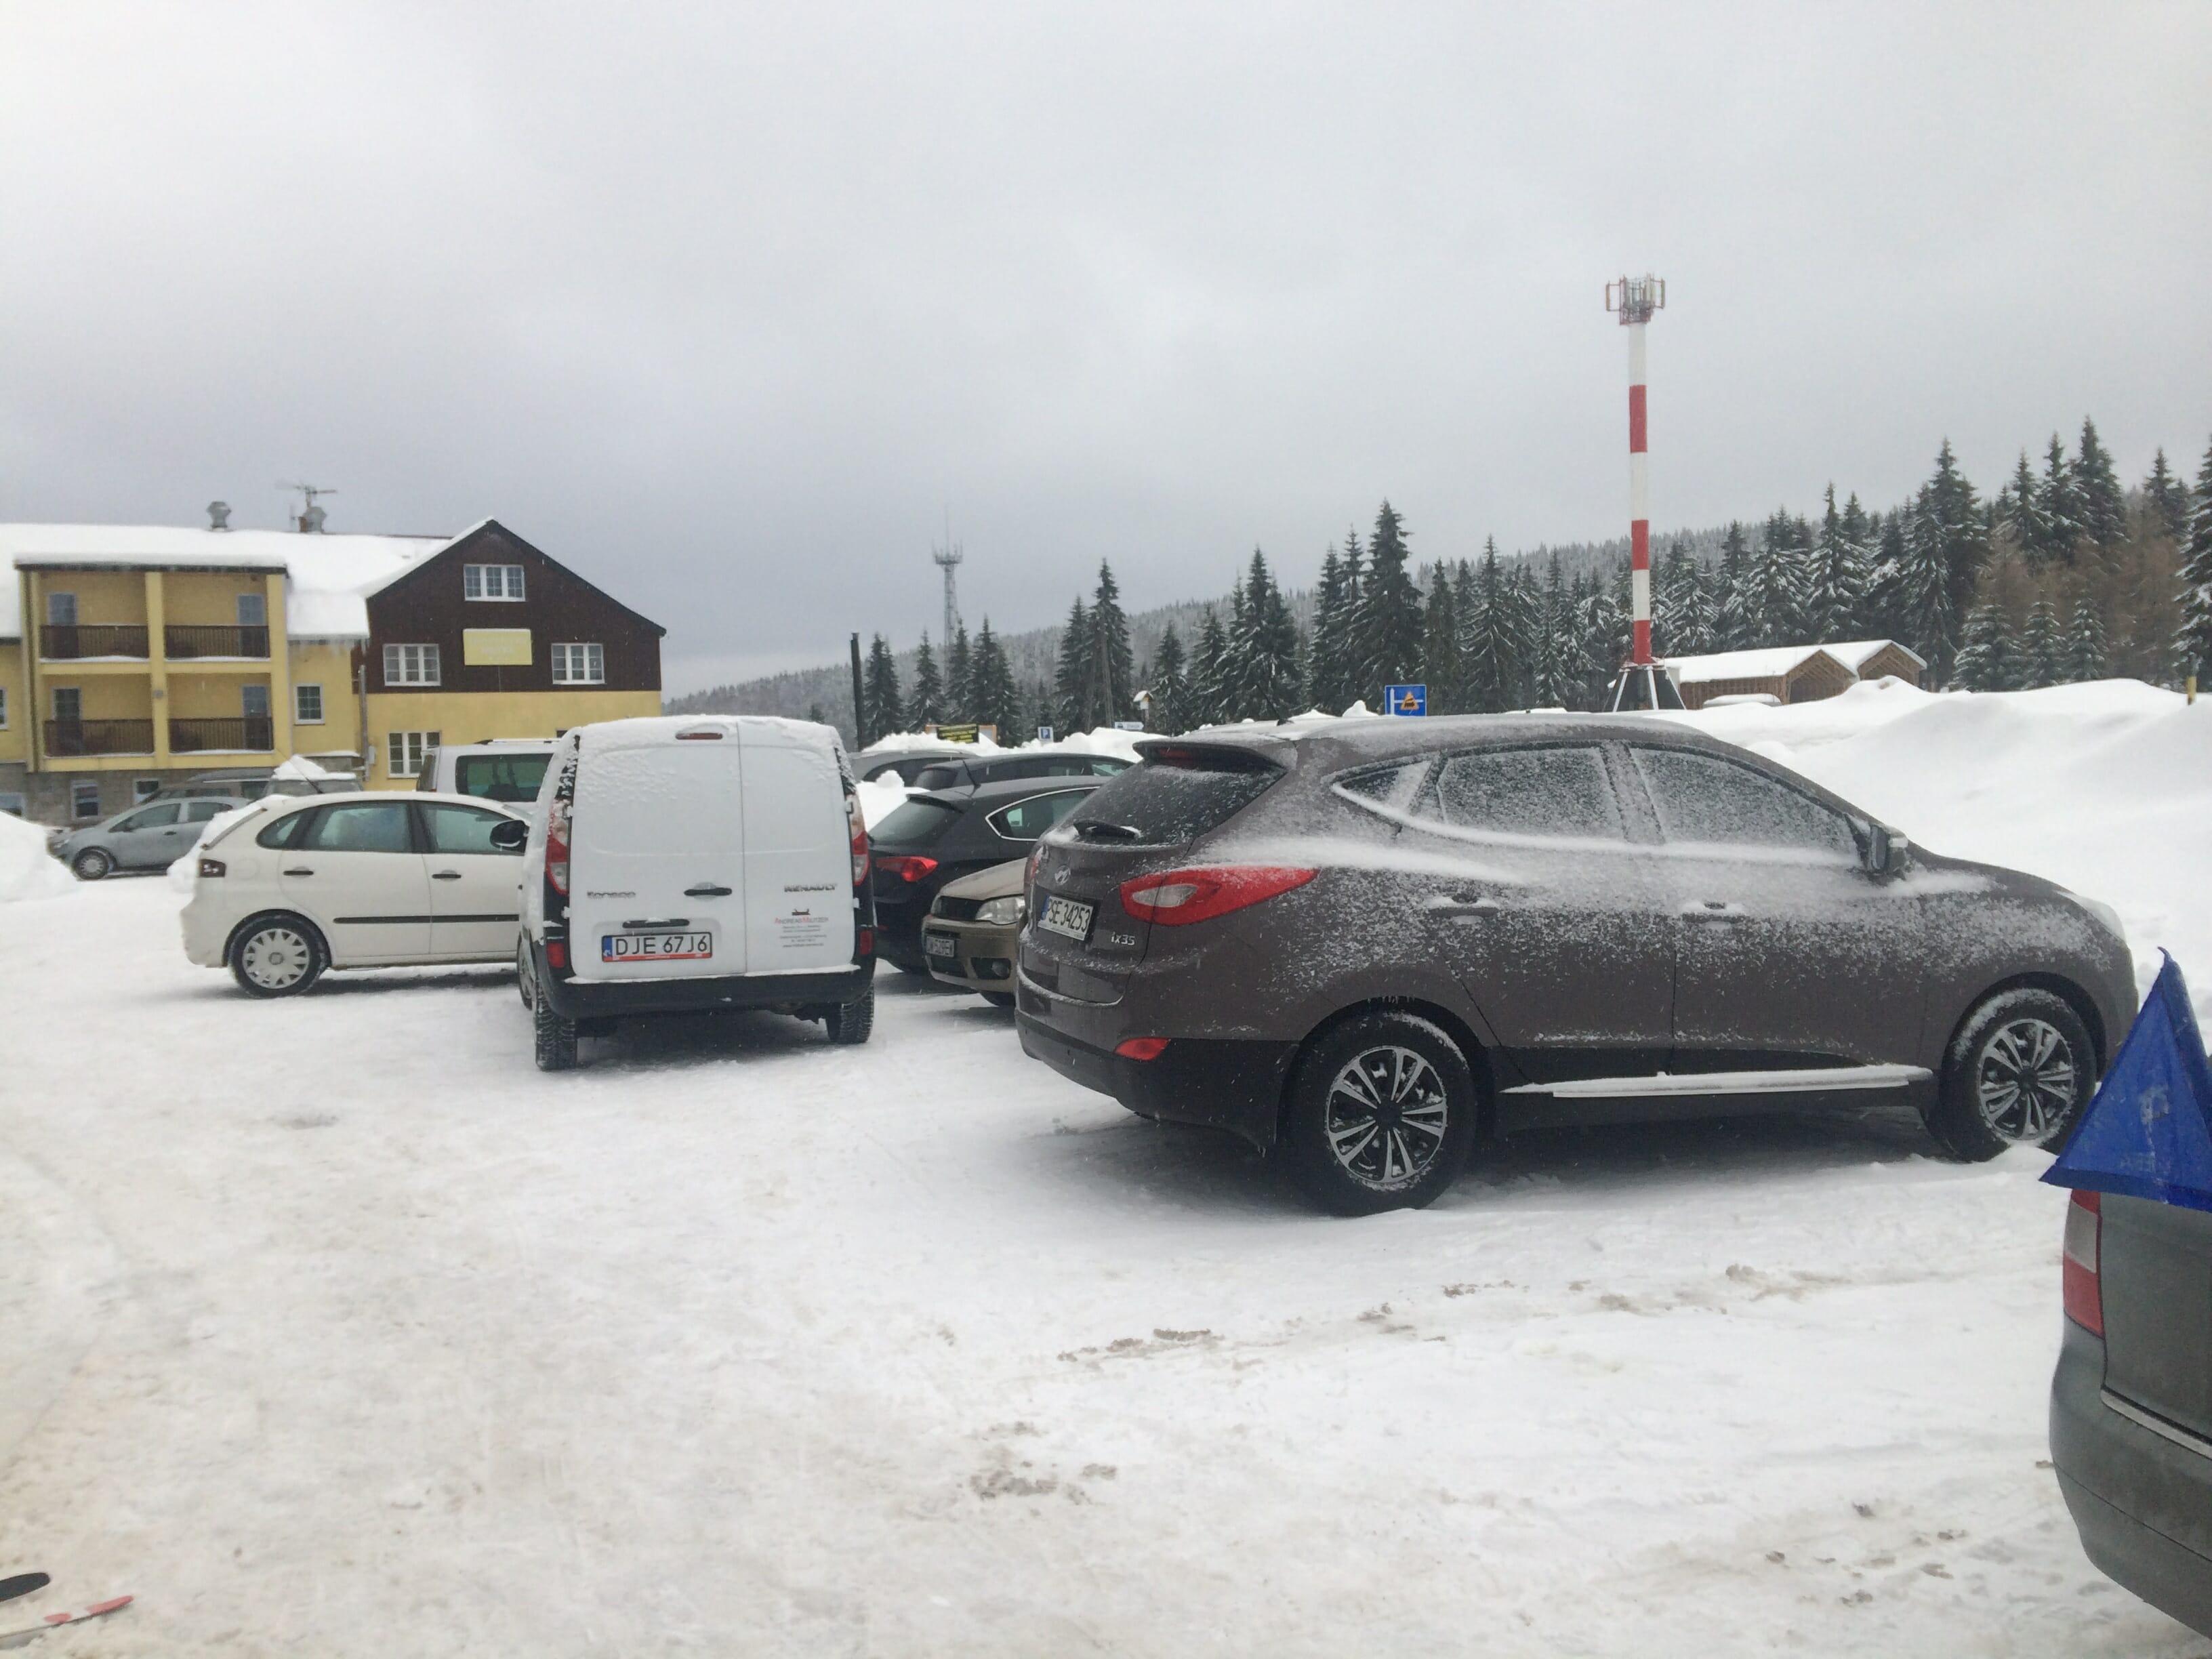 jakuszyce_parking_full_3